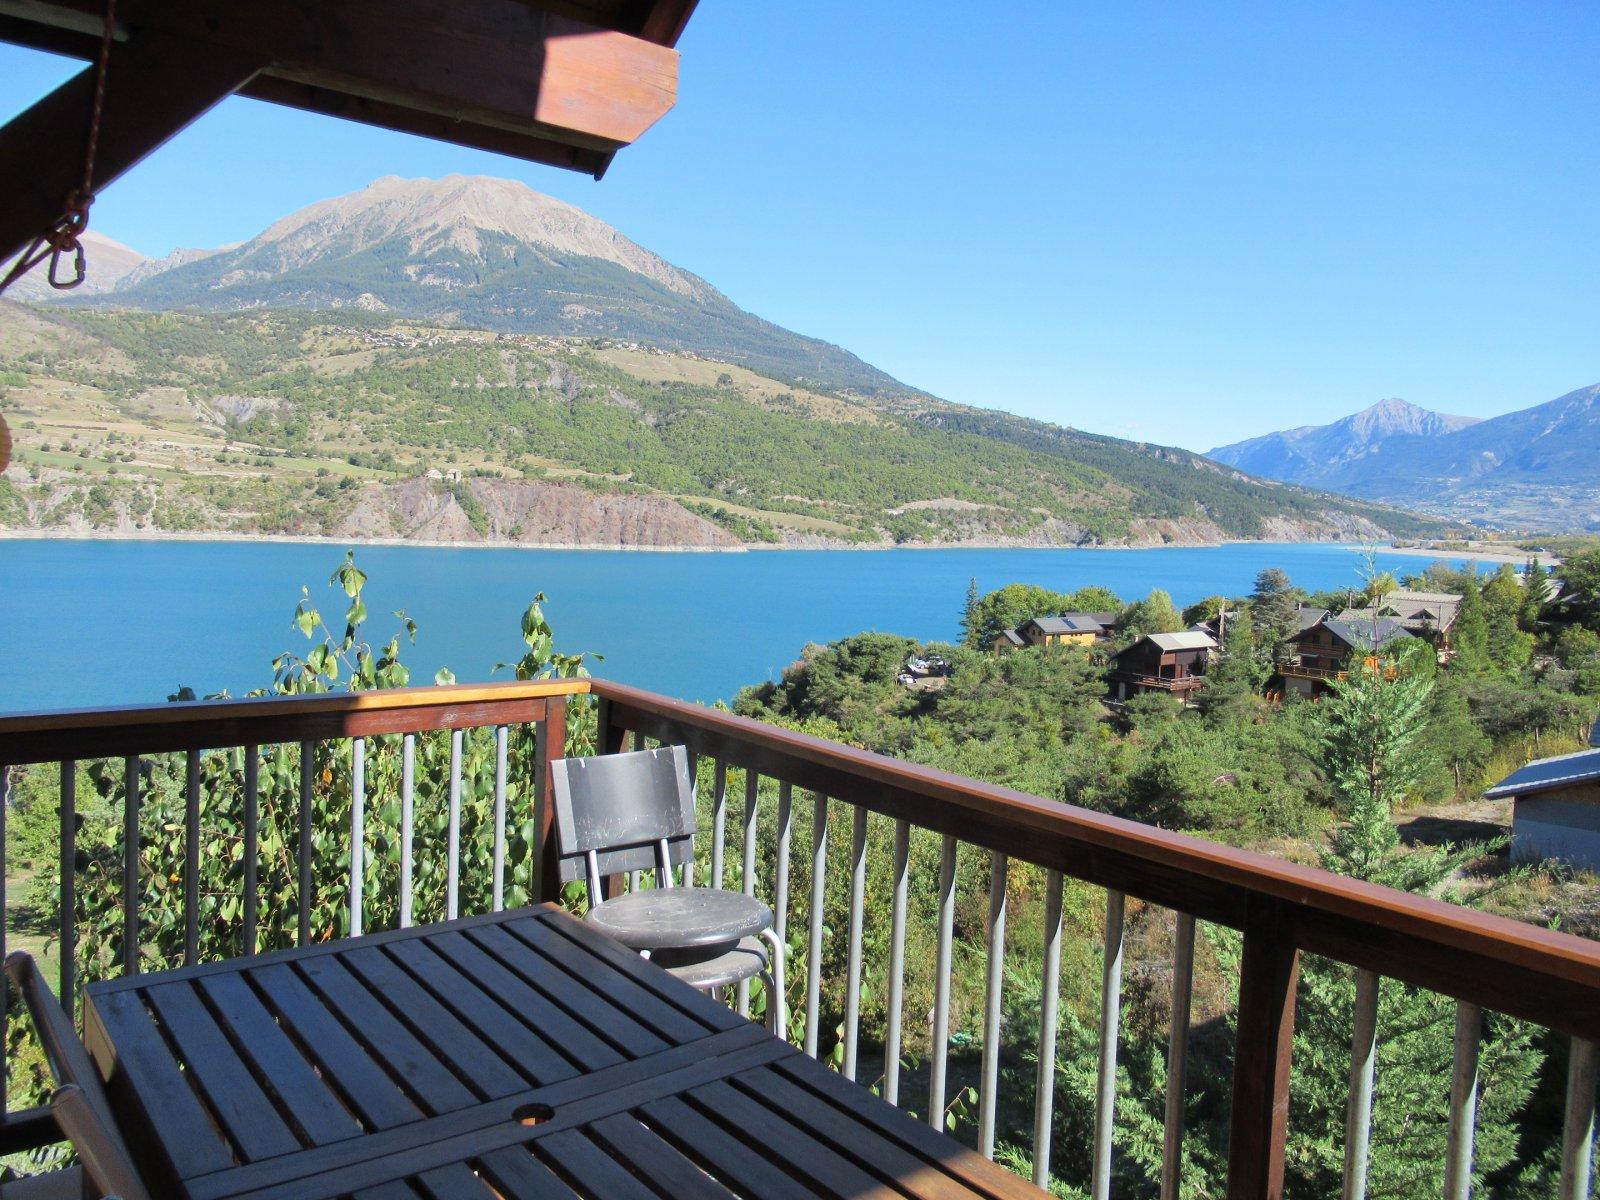 Lac Serre Poncon : Vente vaste t4 duplex vue lac de serre ponçon 178 000 euros otim